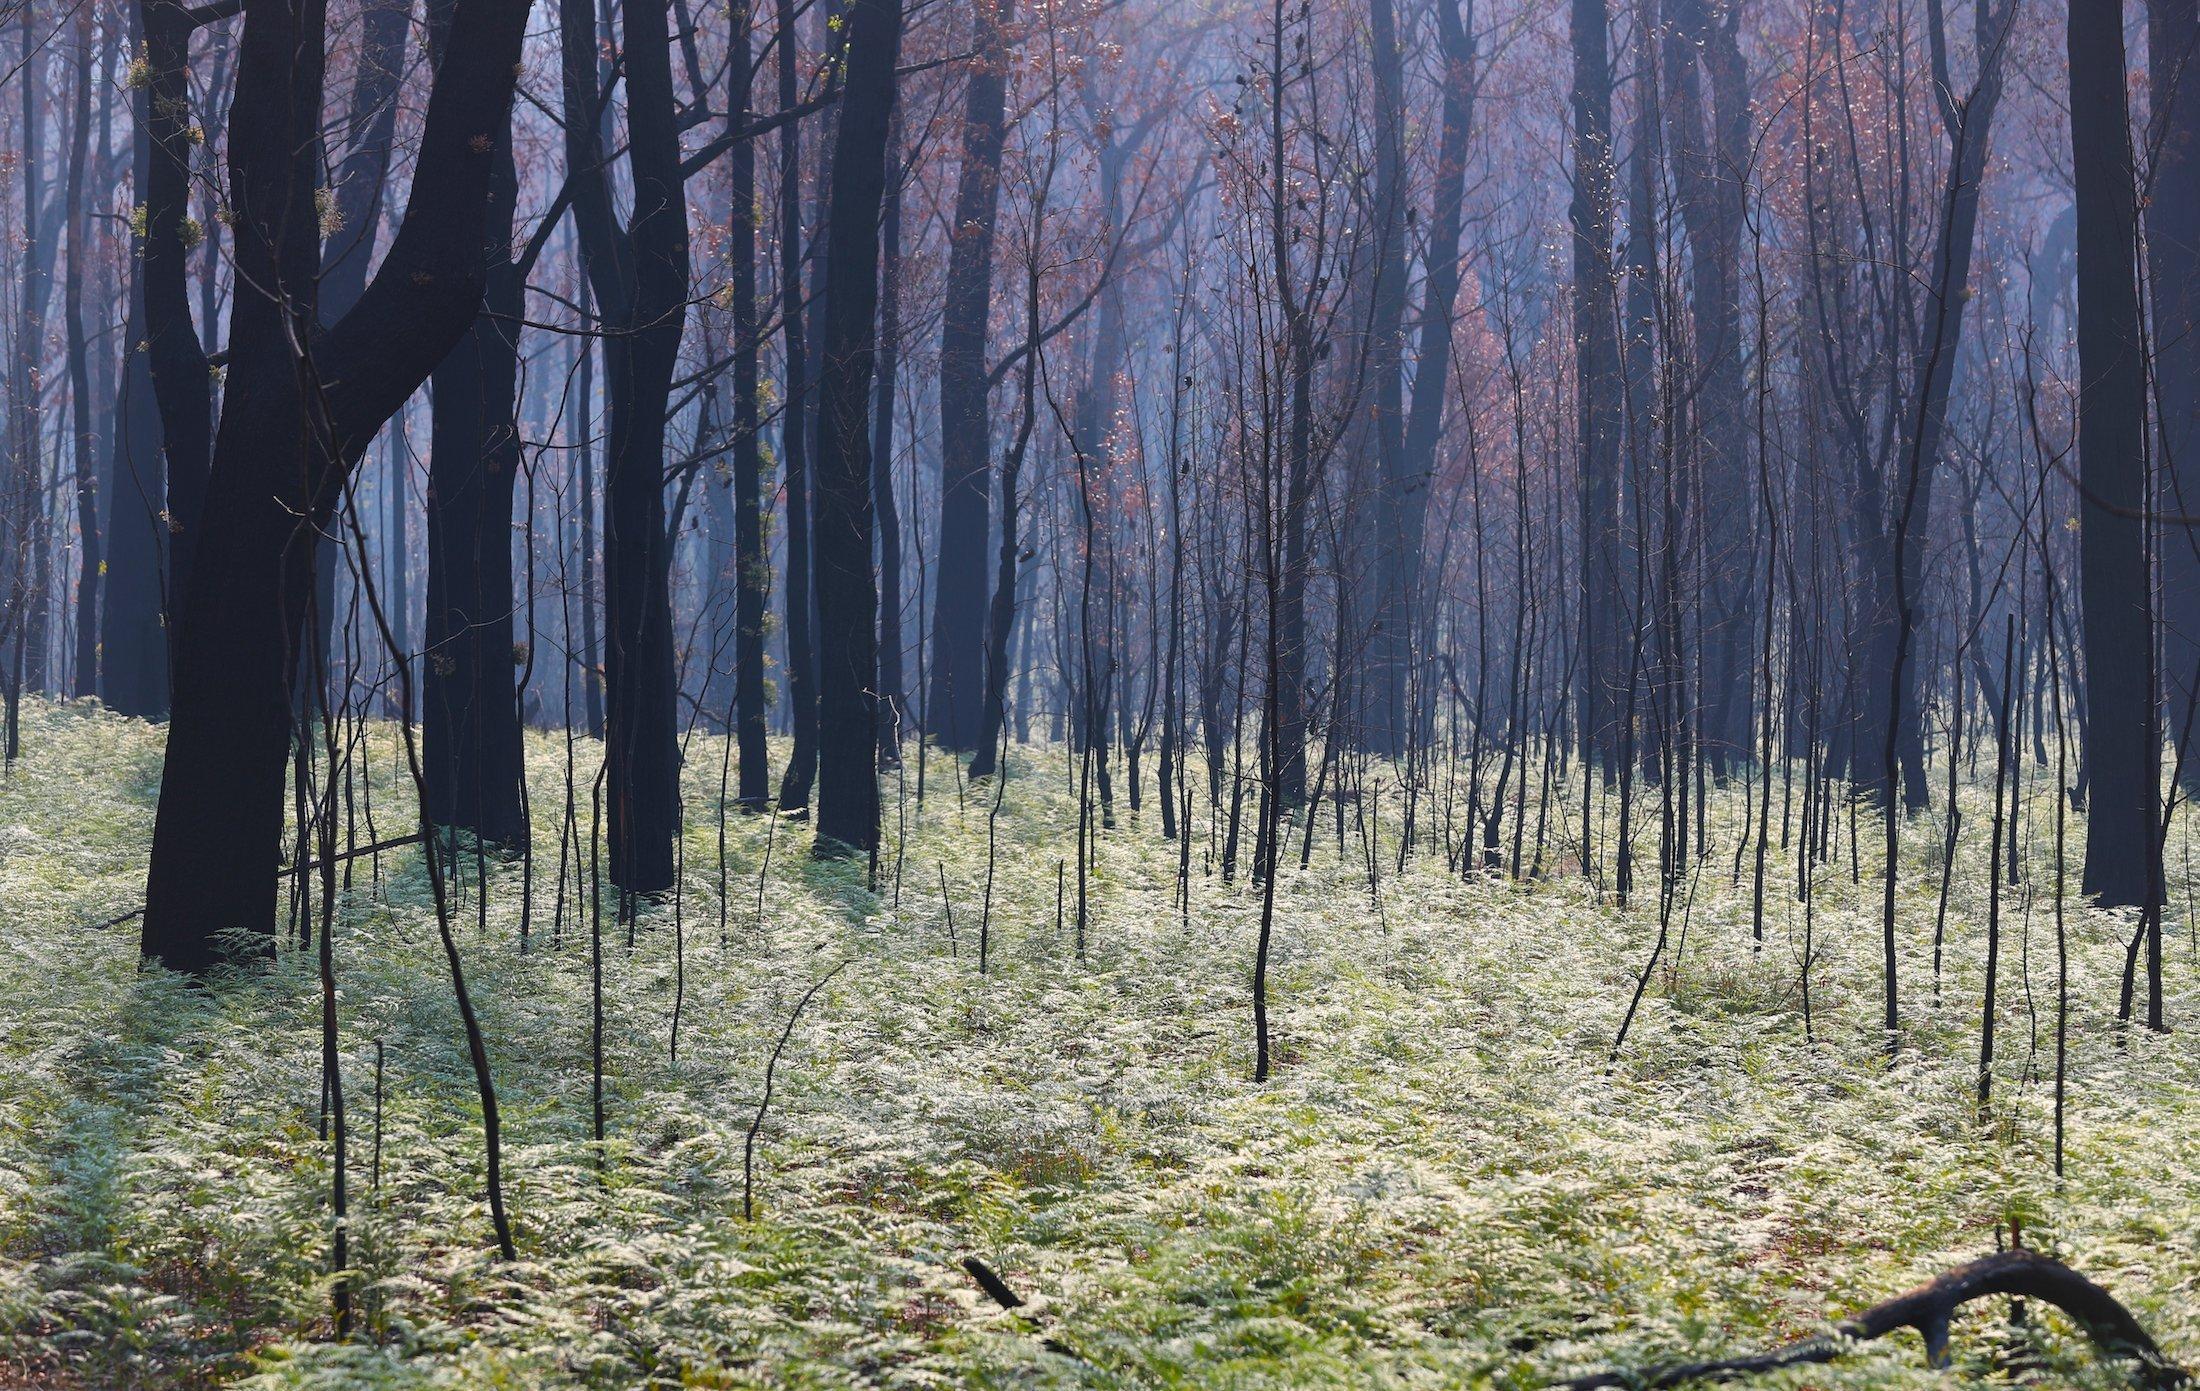 Verkohlter Wald mit nachwachsenden Farnen